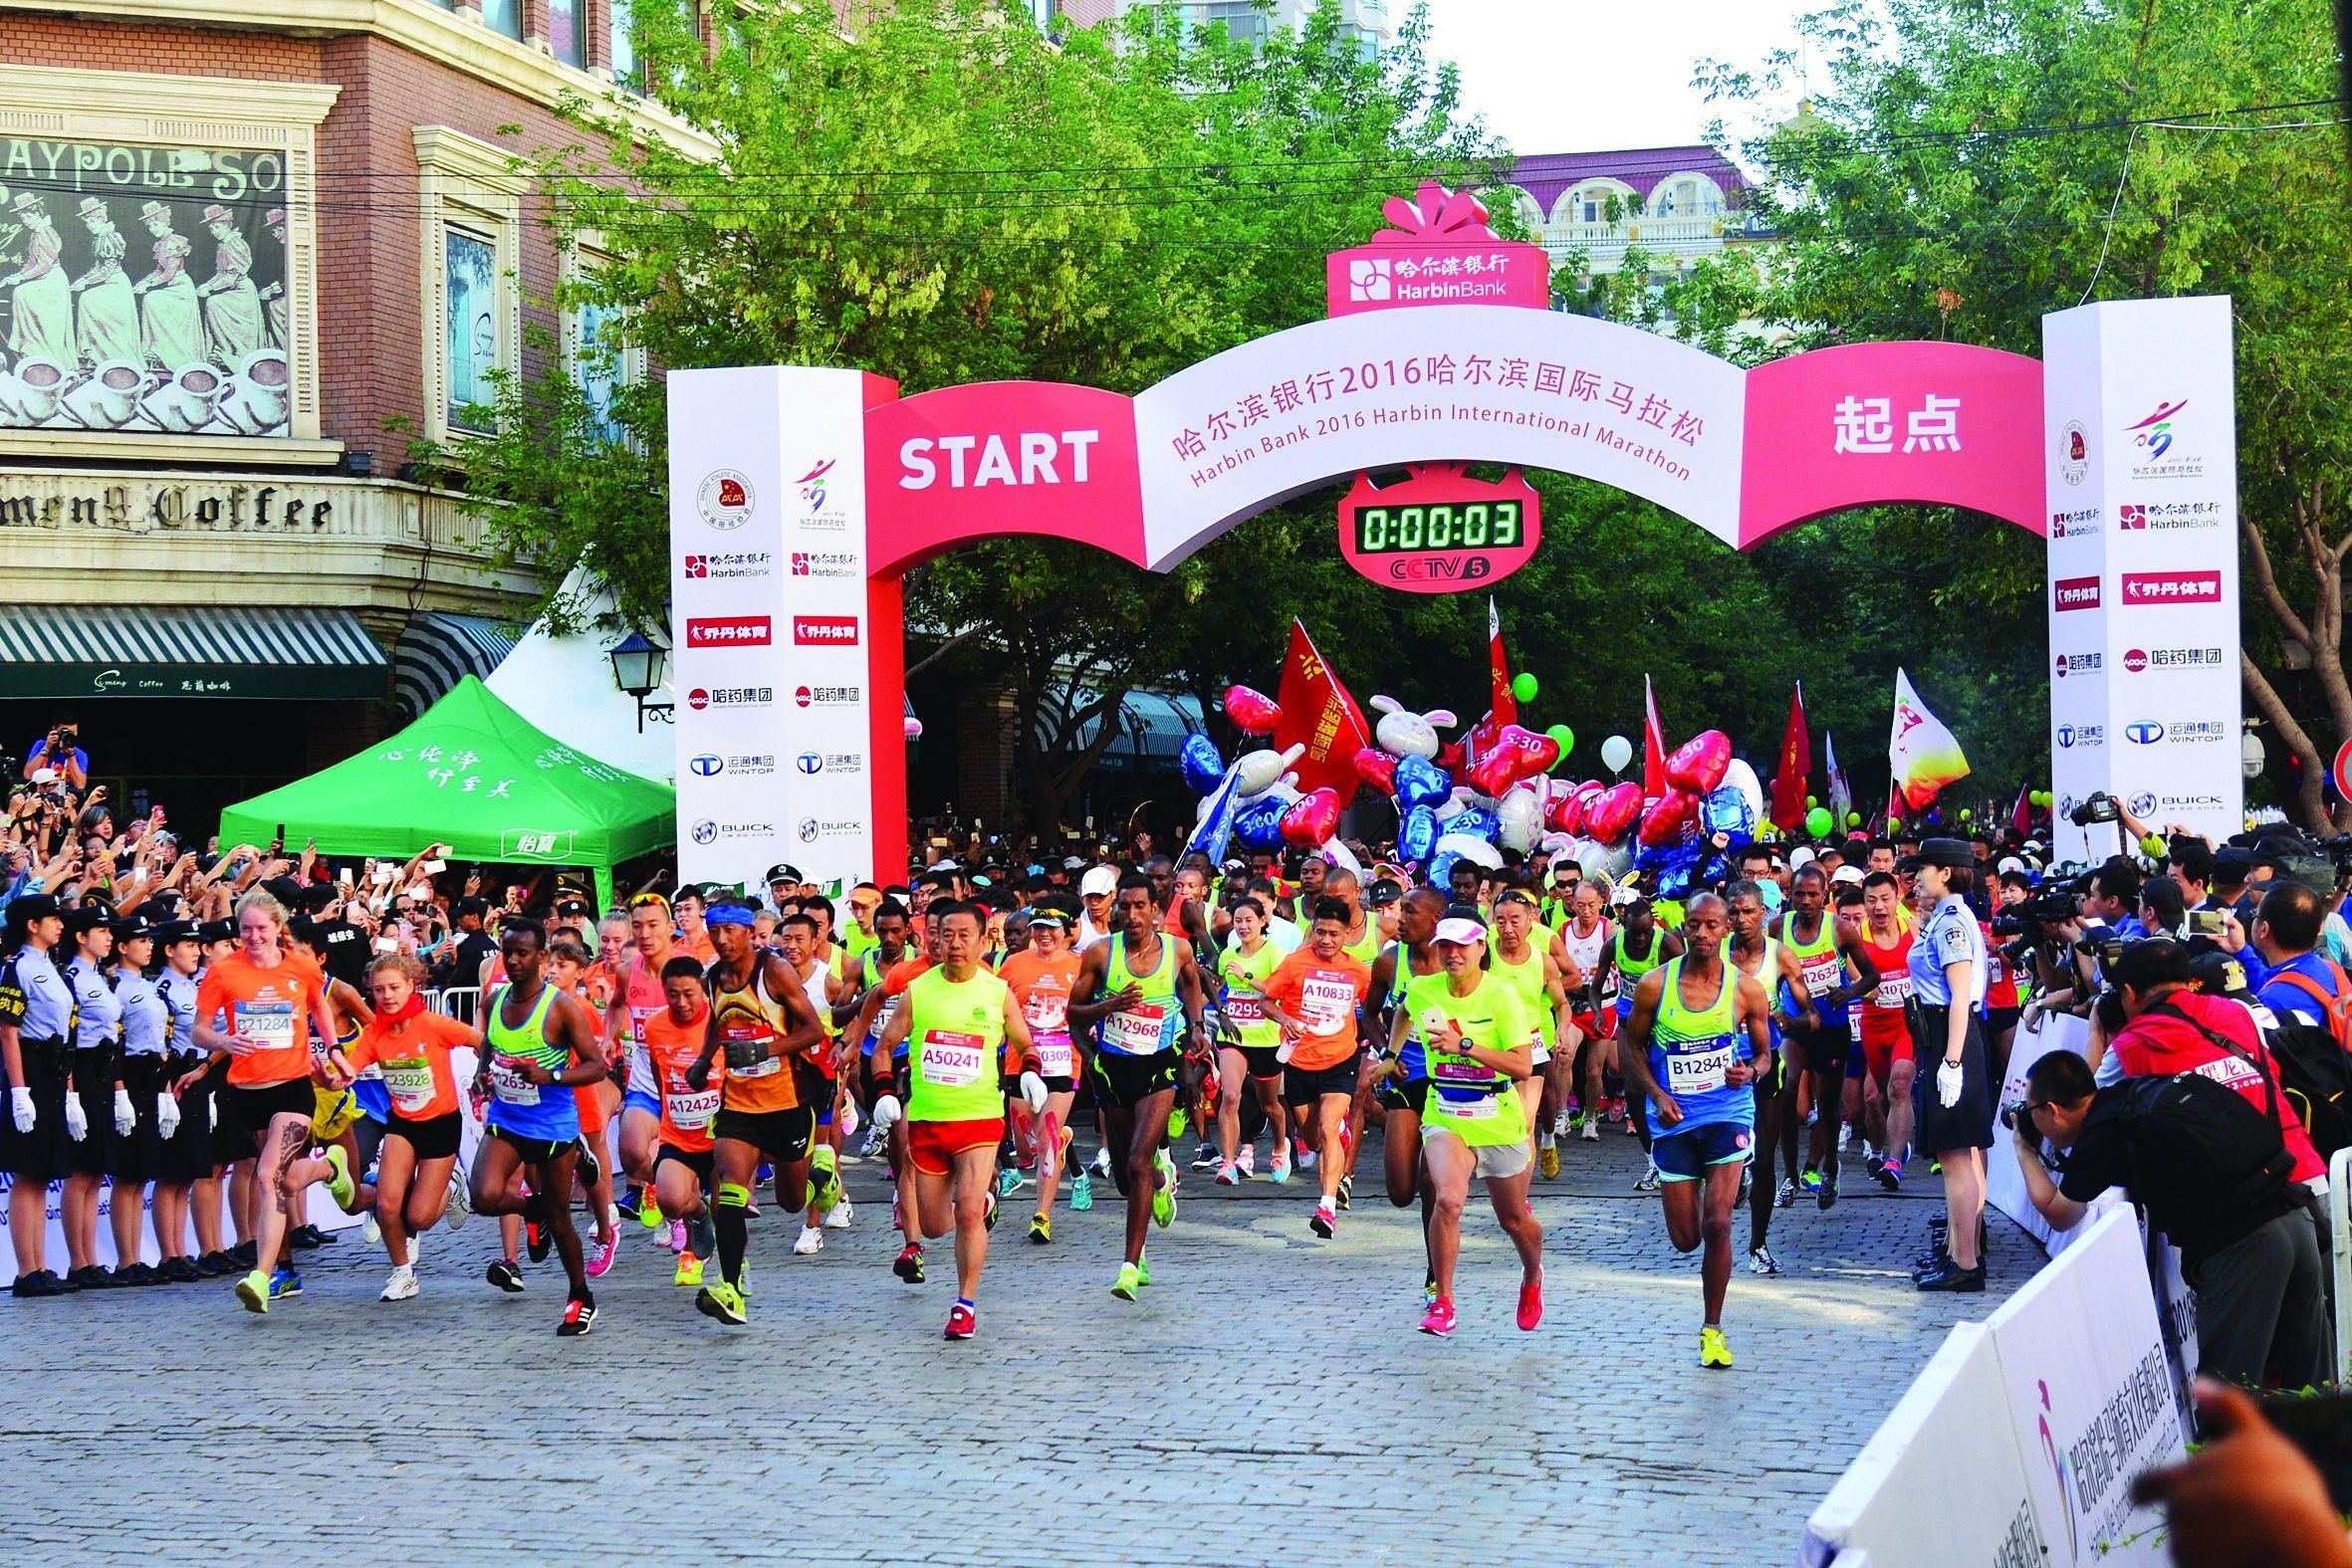 哈尔滨国际马拉松